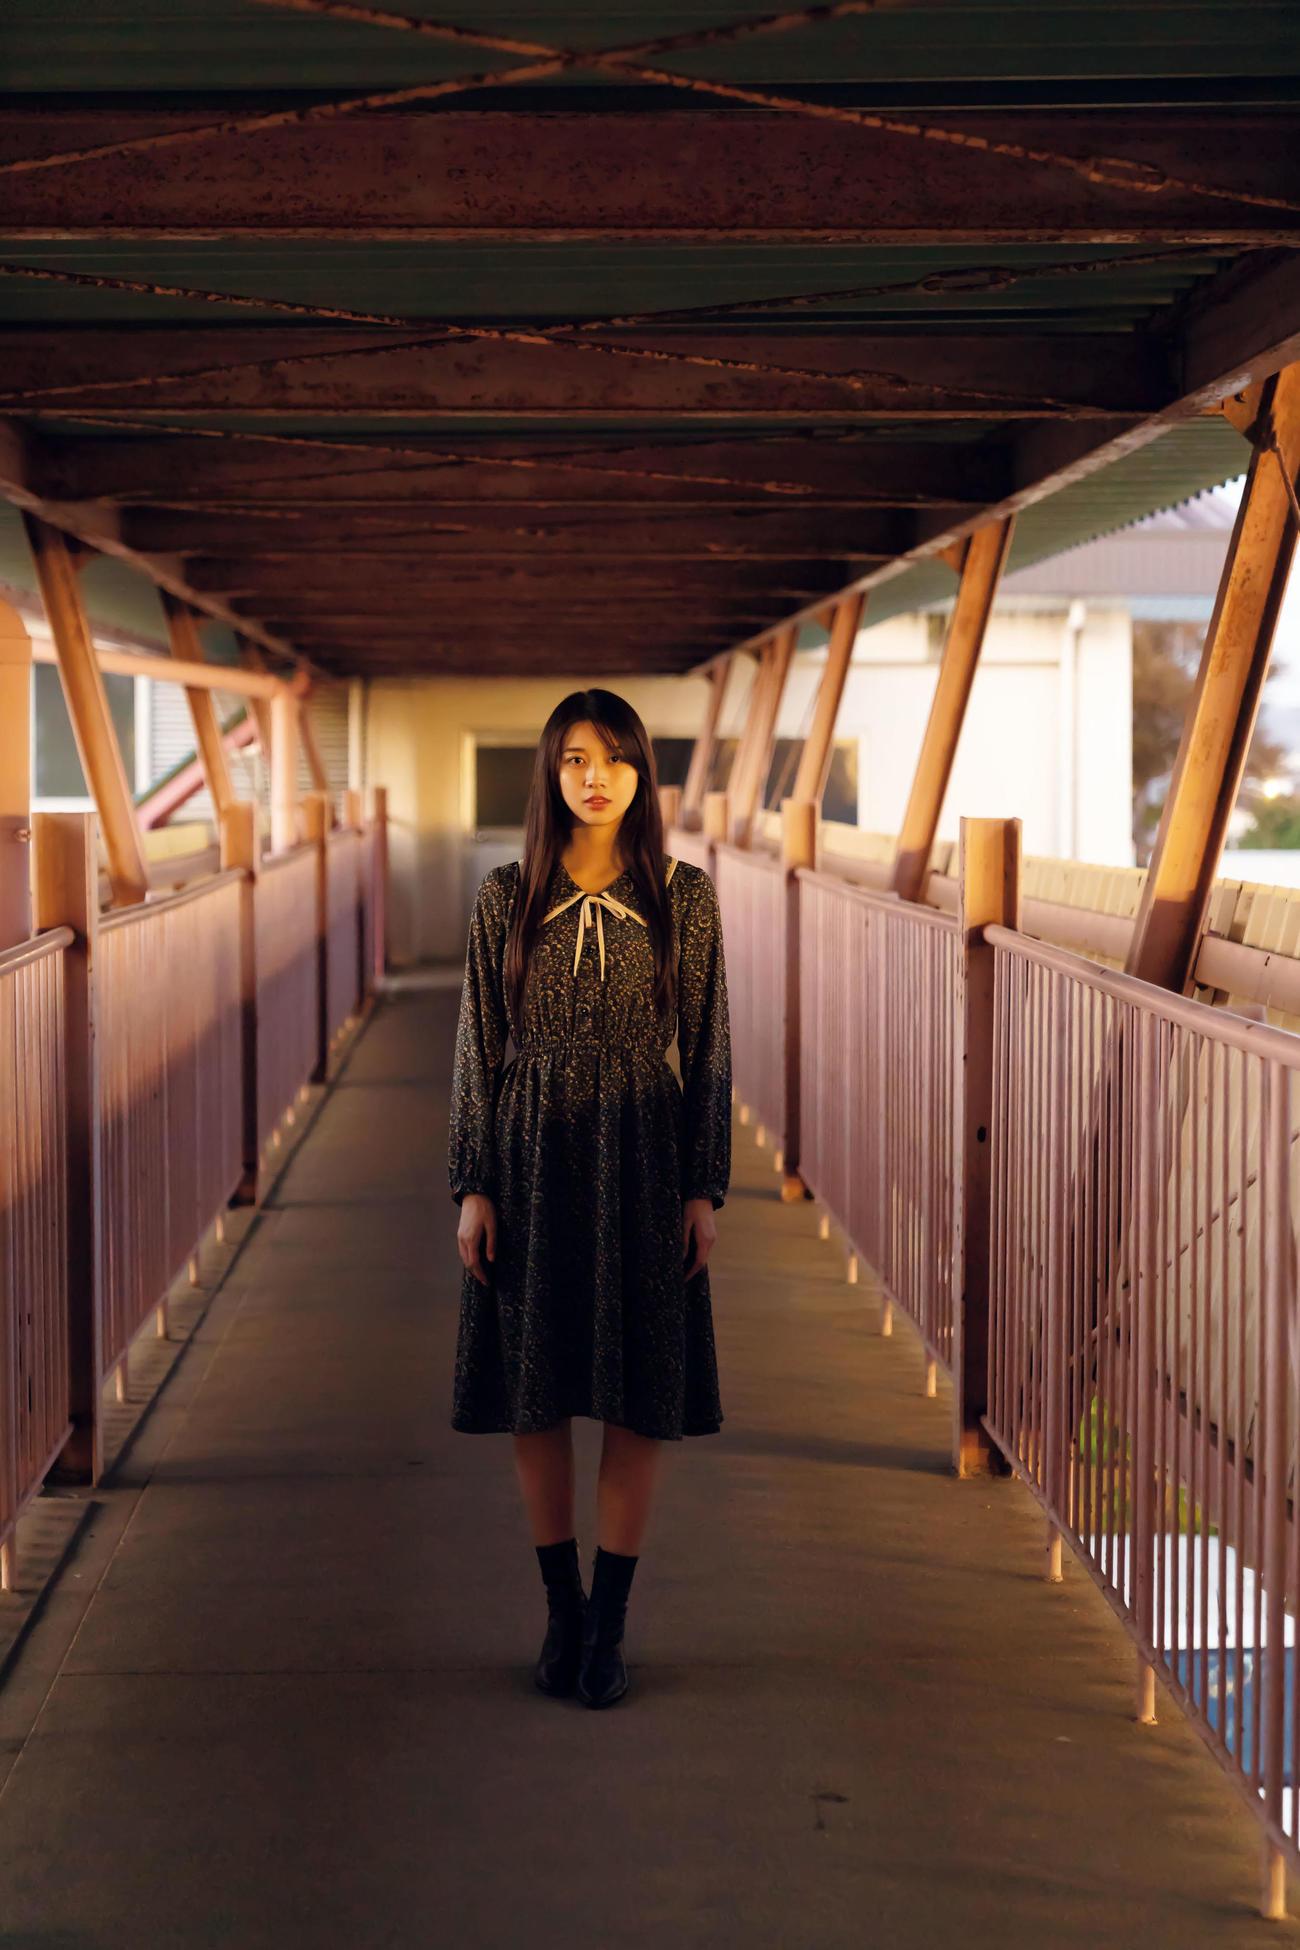 最新写真集「真莉愛 二十歳」を発売する モーニング娘。'21の牧野真莉愛